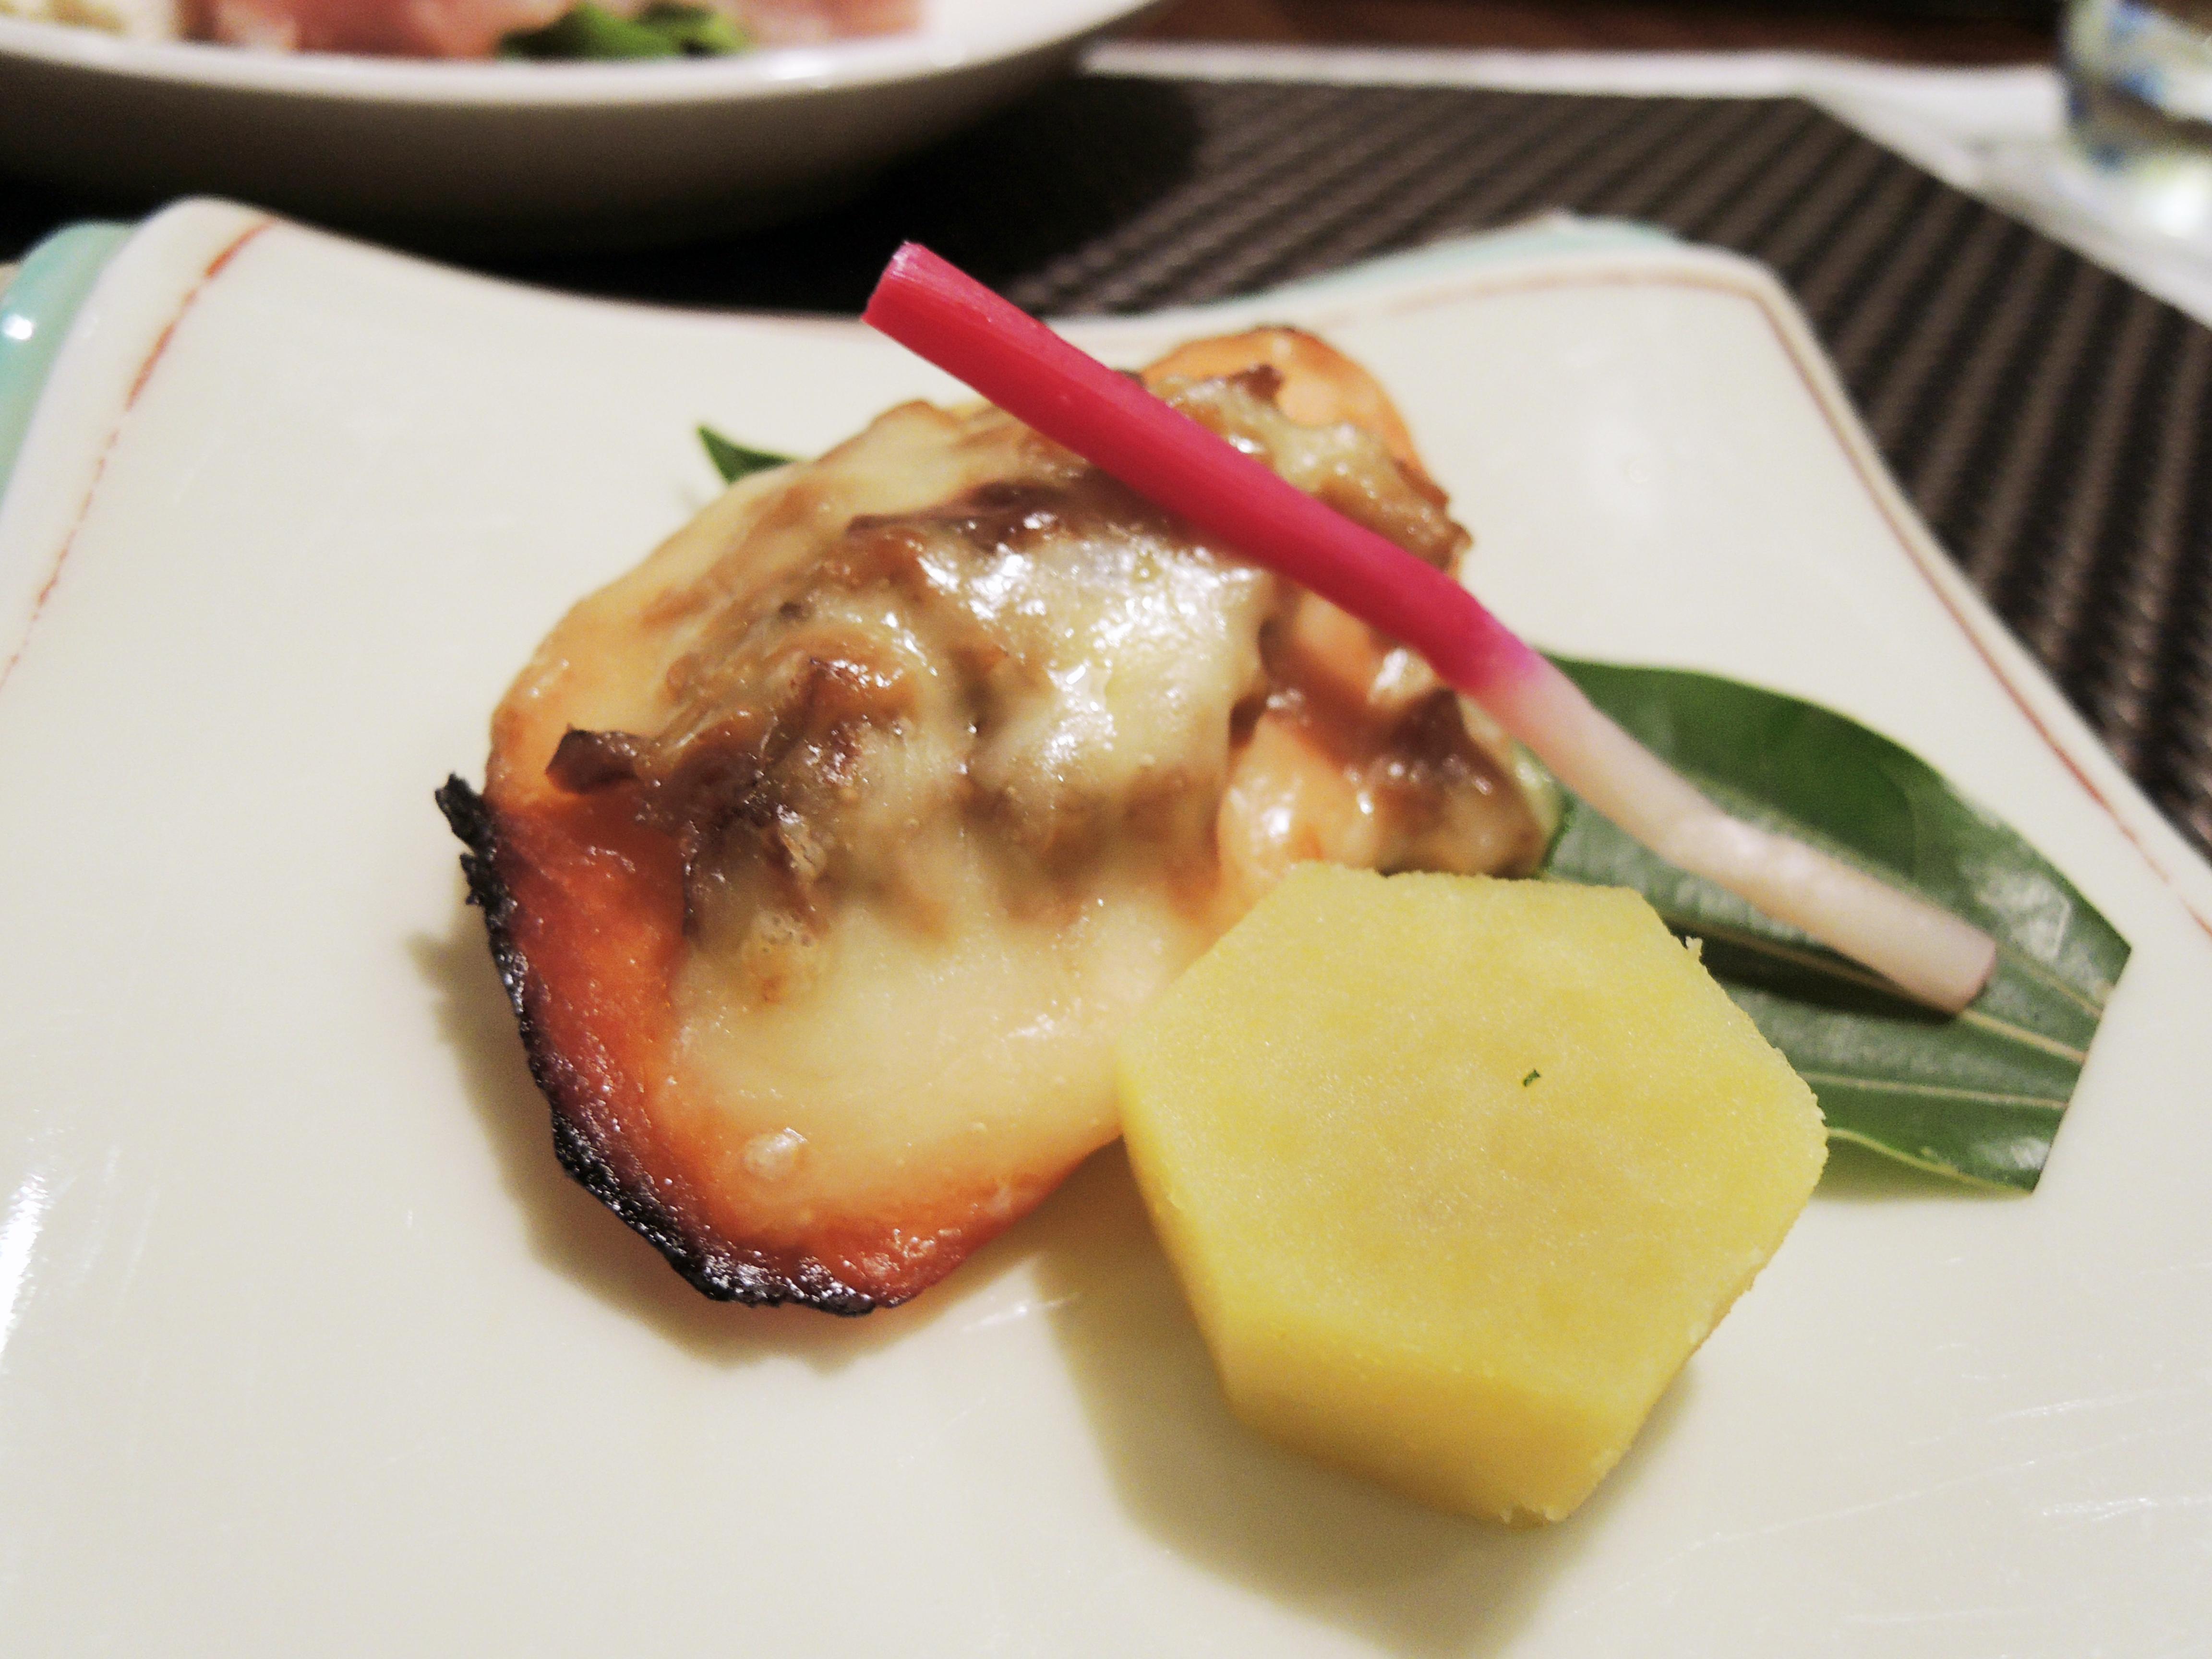 秋サーモンの茸味噌チーズ焼き